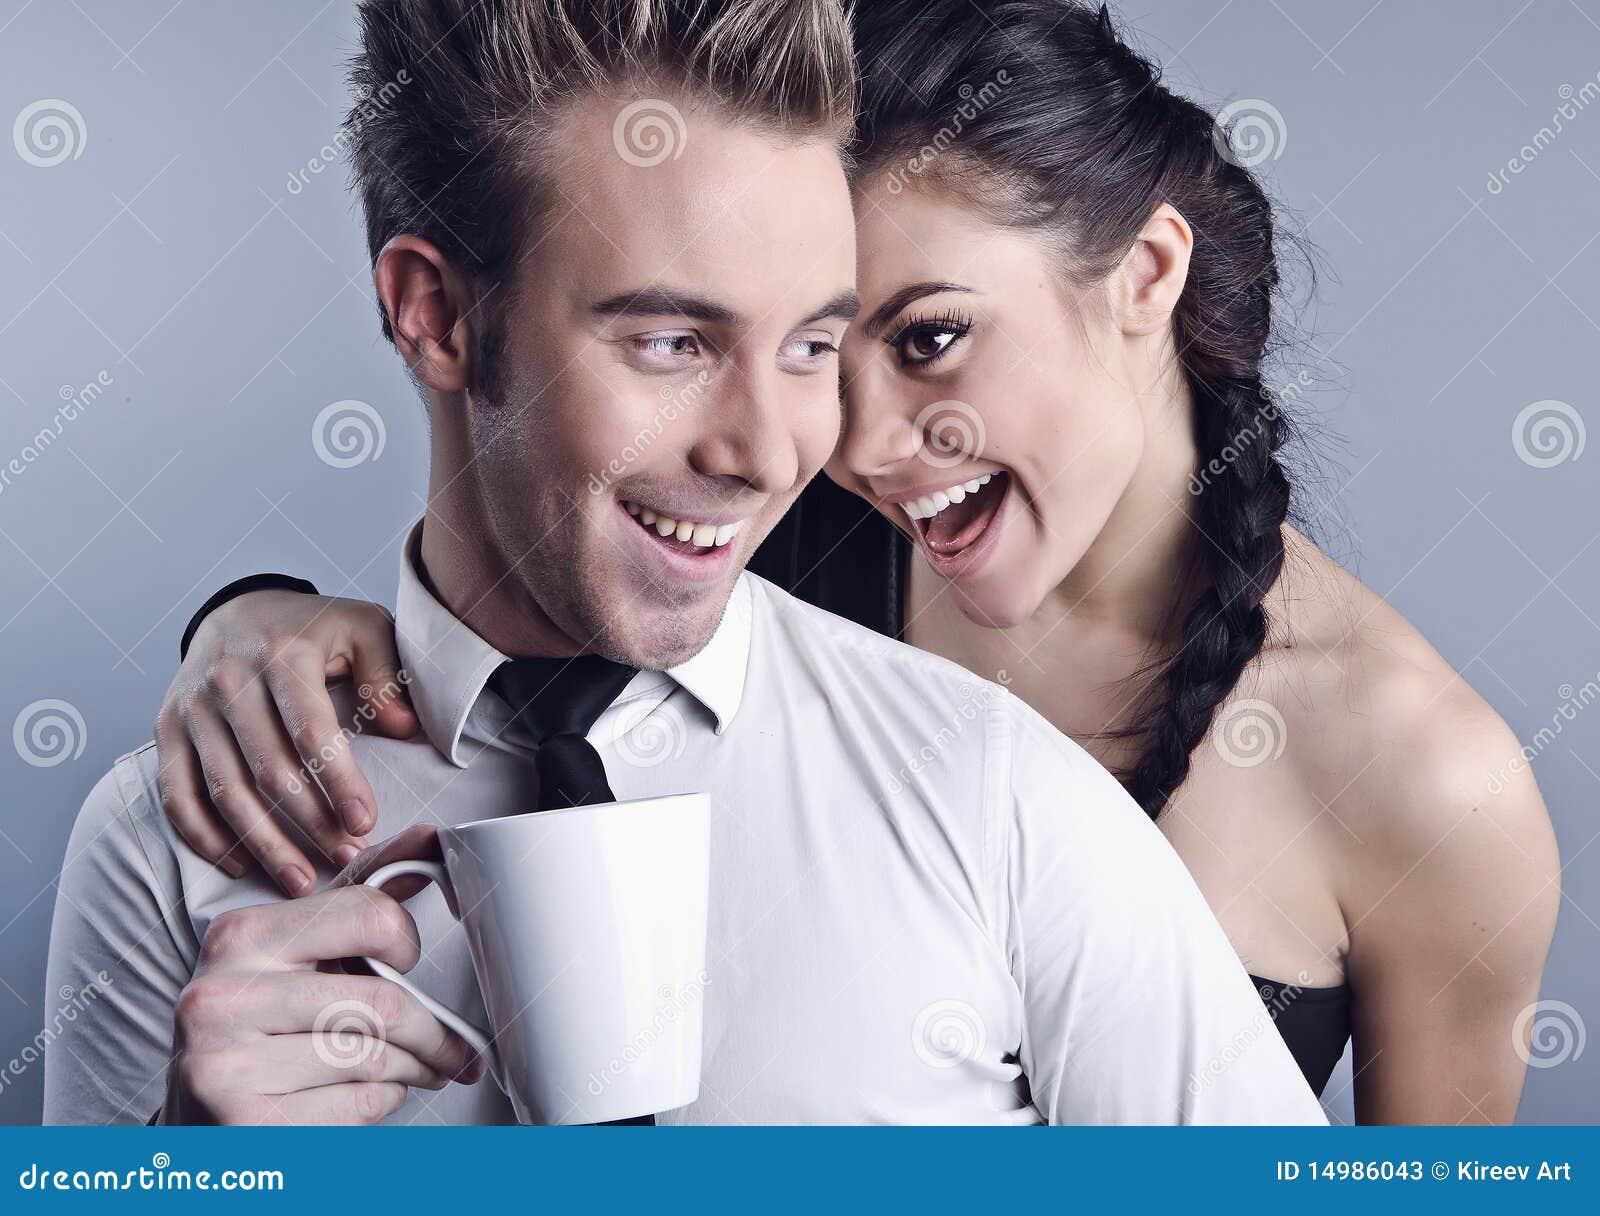 кунилингус фото девушка кончает в рот парню